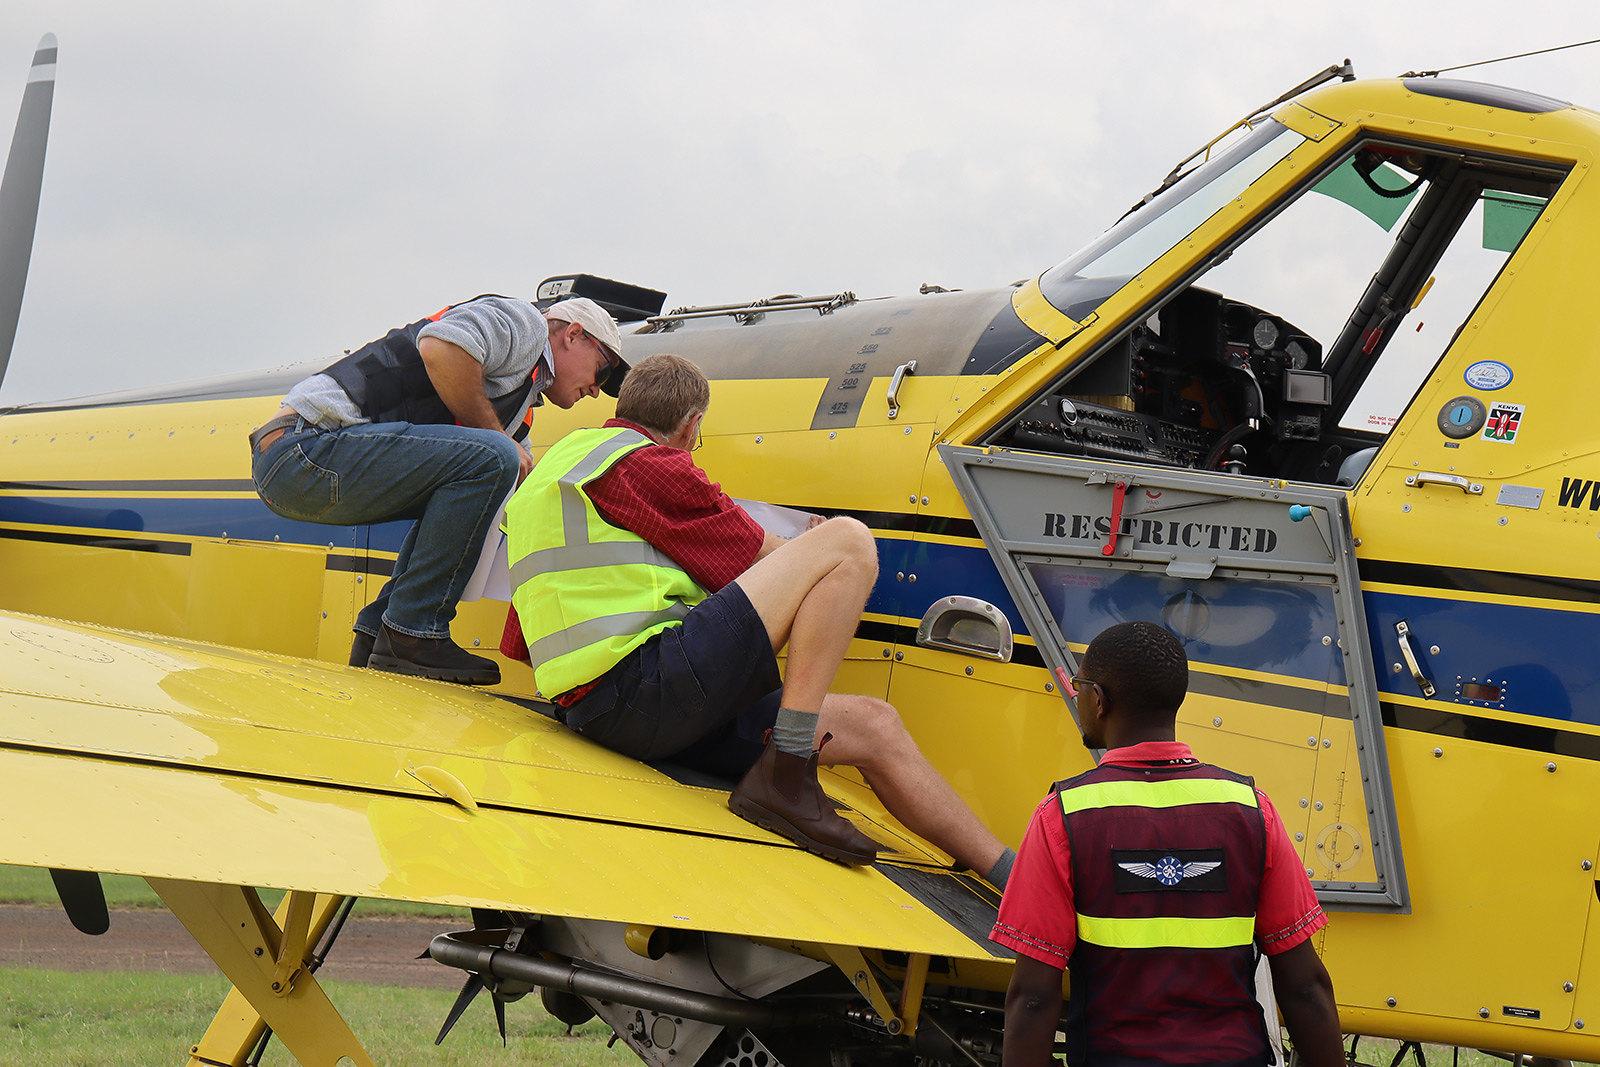 Preparing airplane for desert locust control operations in Kenya